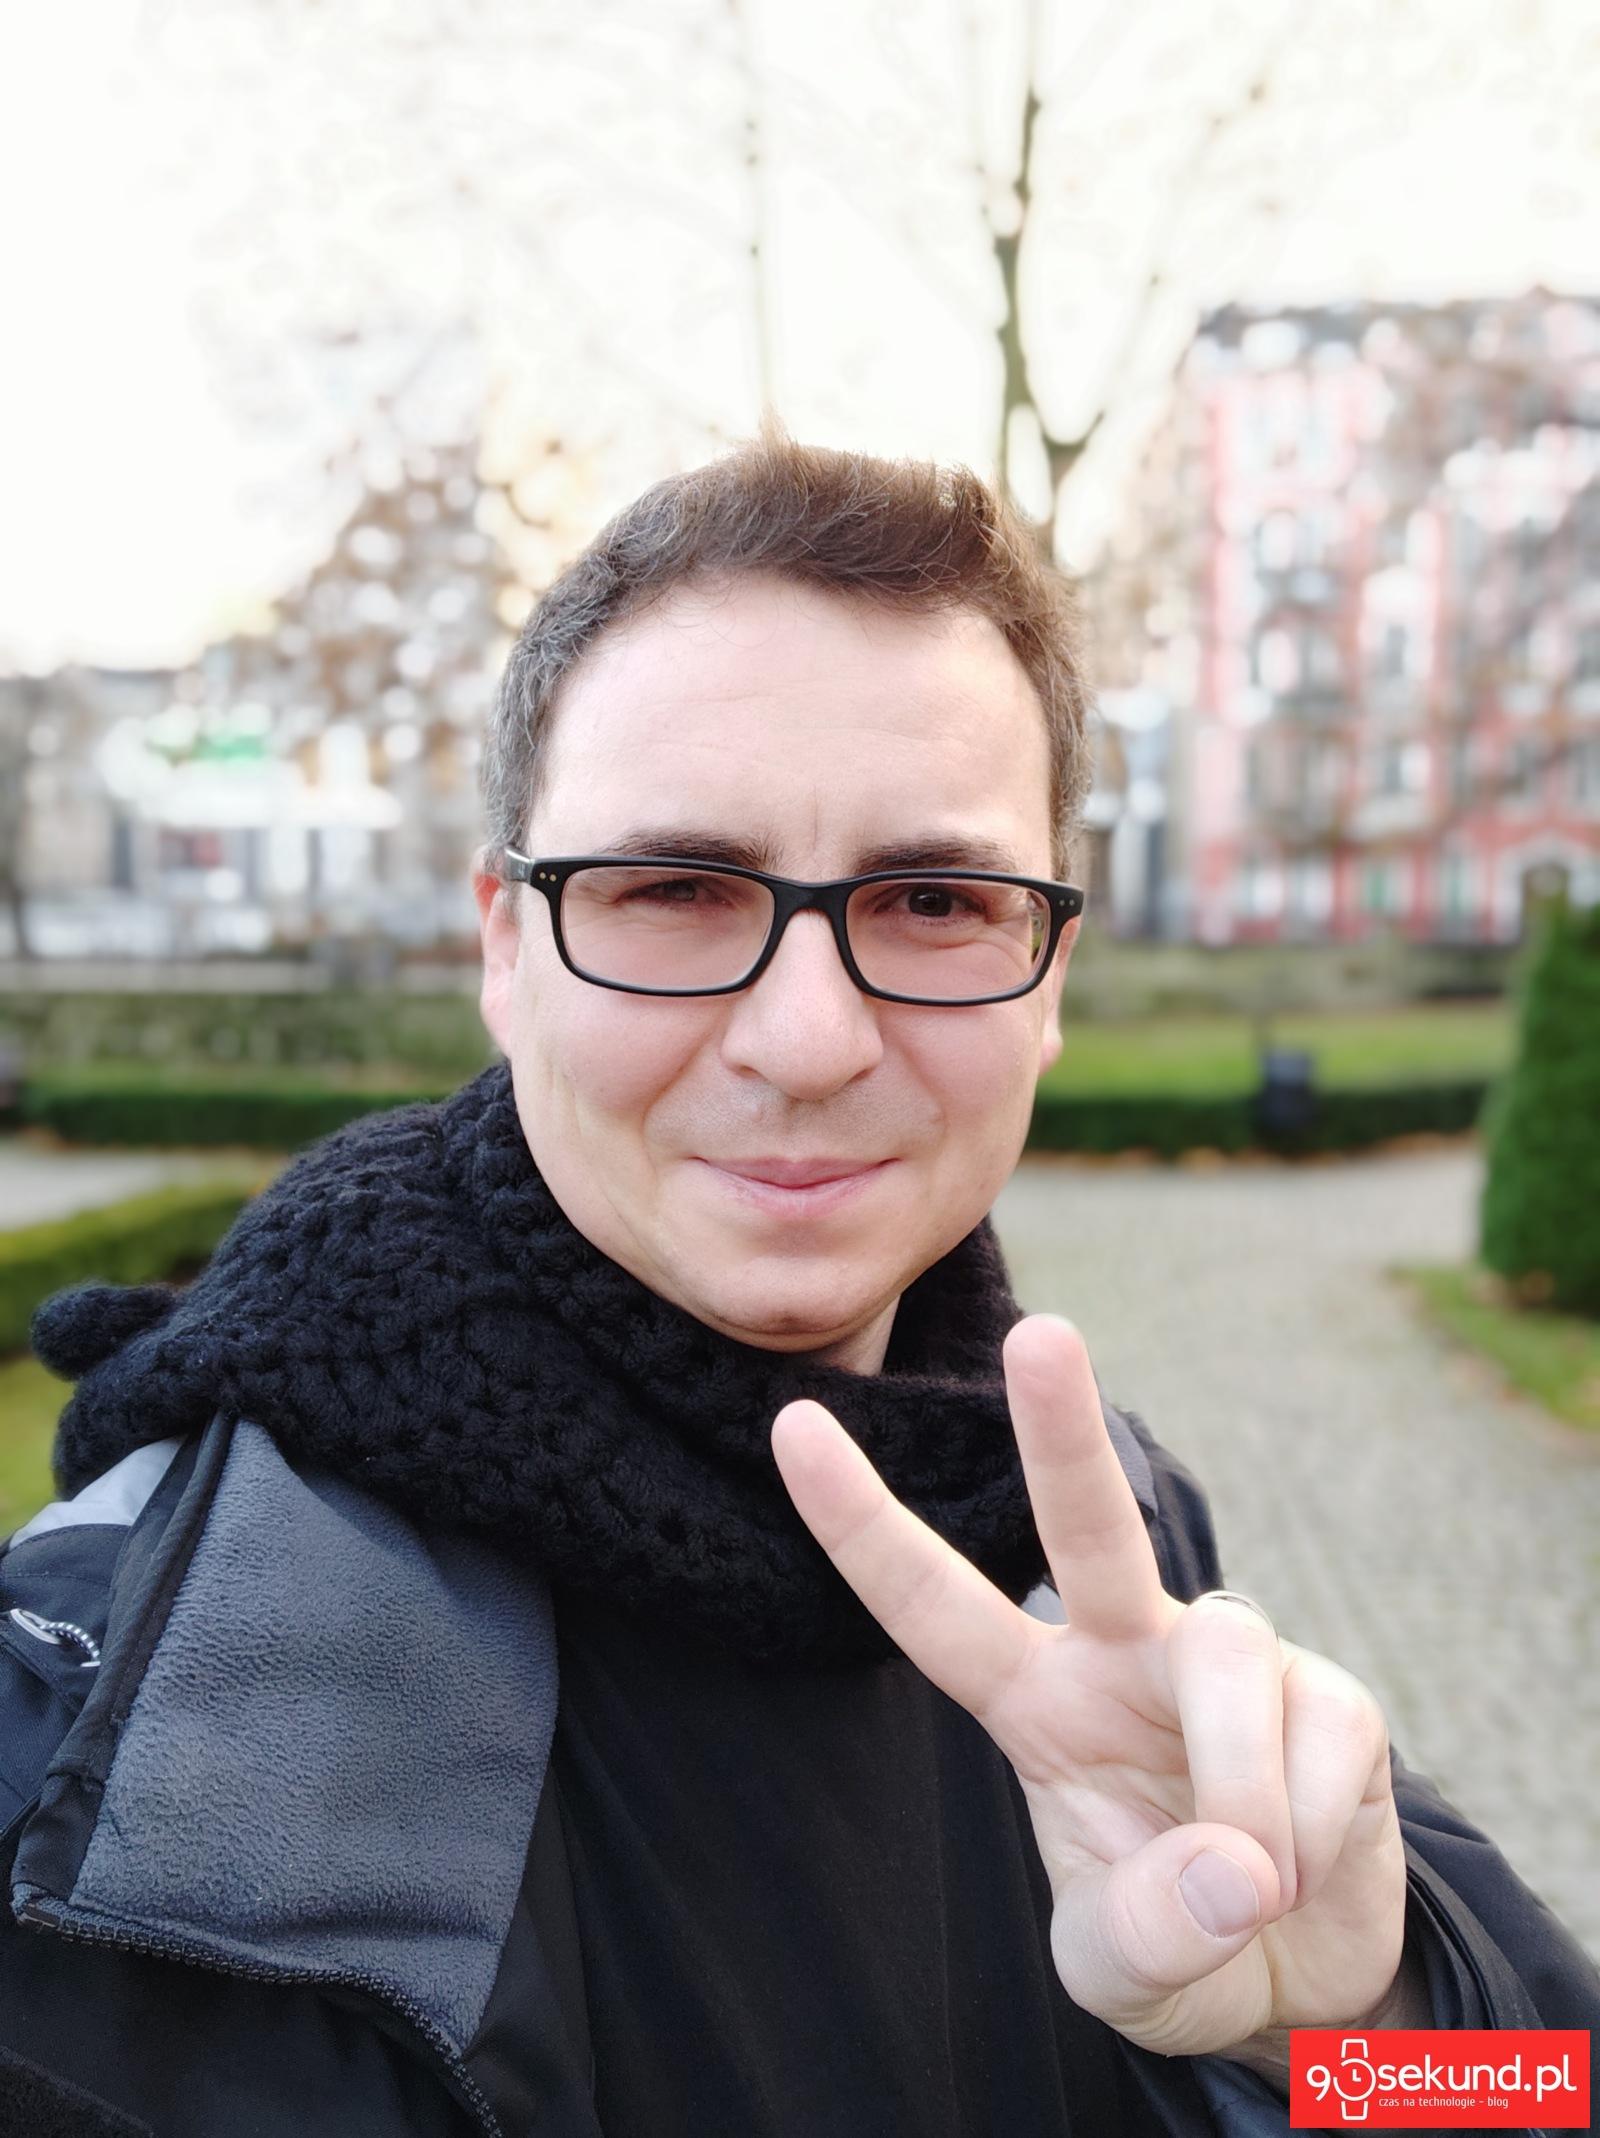 Selfie wykonane Pocophone F1 - Michał Brożyński 90sekund.pl